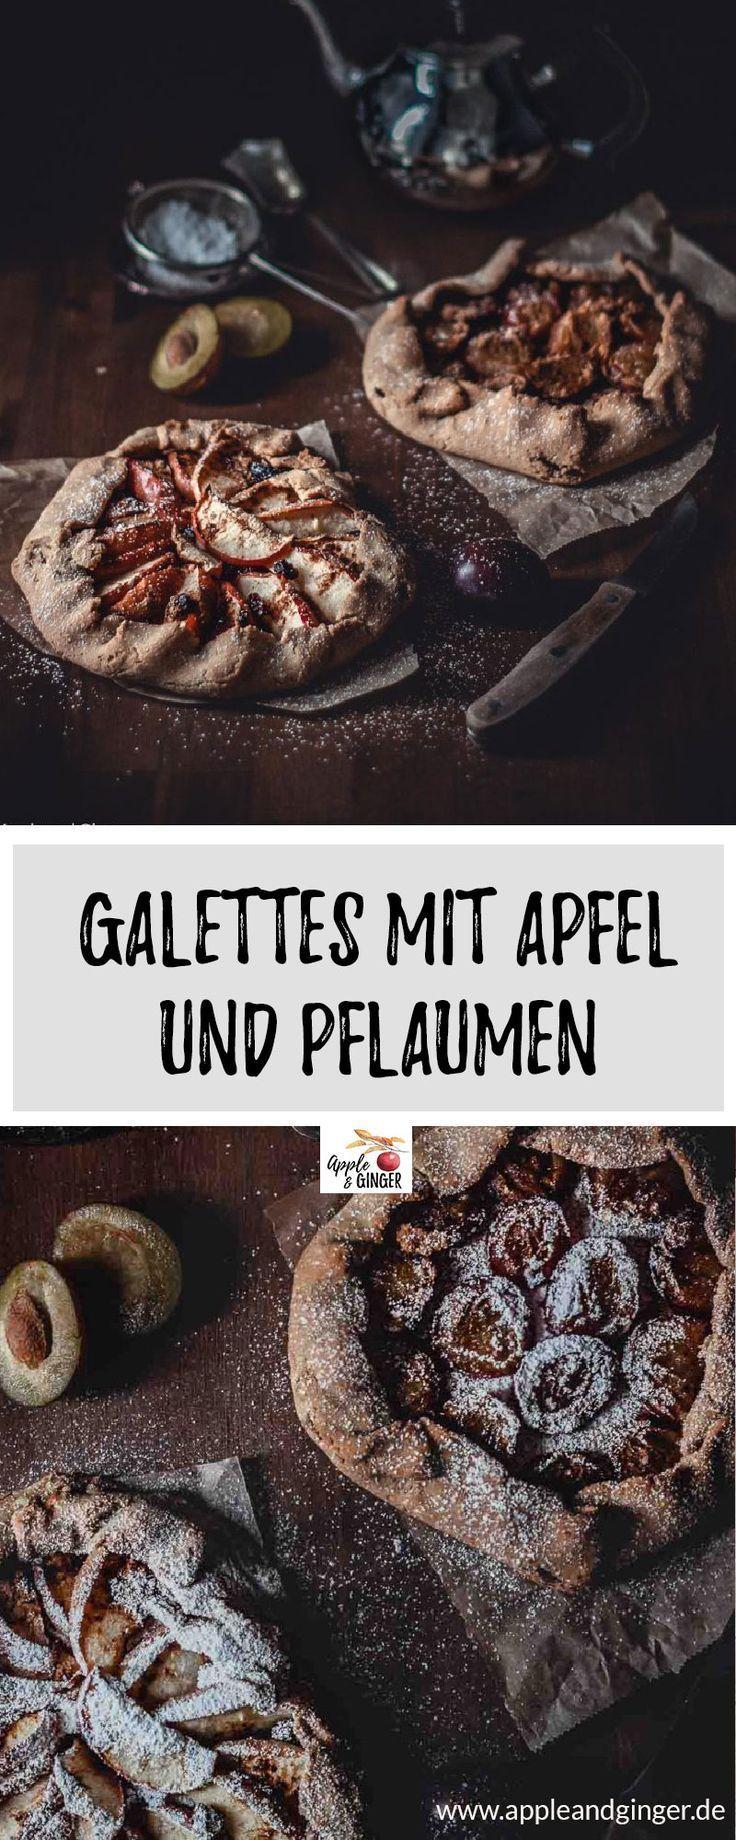 Galettes mit Apfel und Pflaumen Perfekt für den herbst - super leckere glutenfreie Galettes mit Äpfeln und Pflaumen! Die schmecken richtig nach Herbst und kommen ganz ohne Zucker aus. Eine tolle Alternative zu Kuchen.